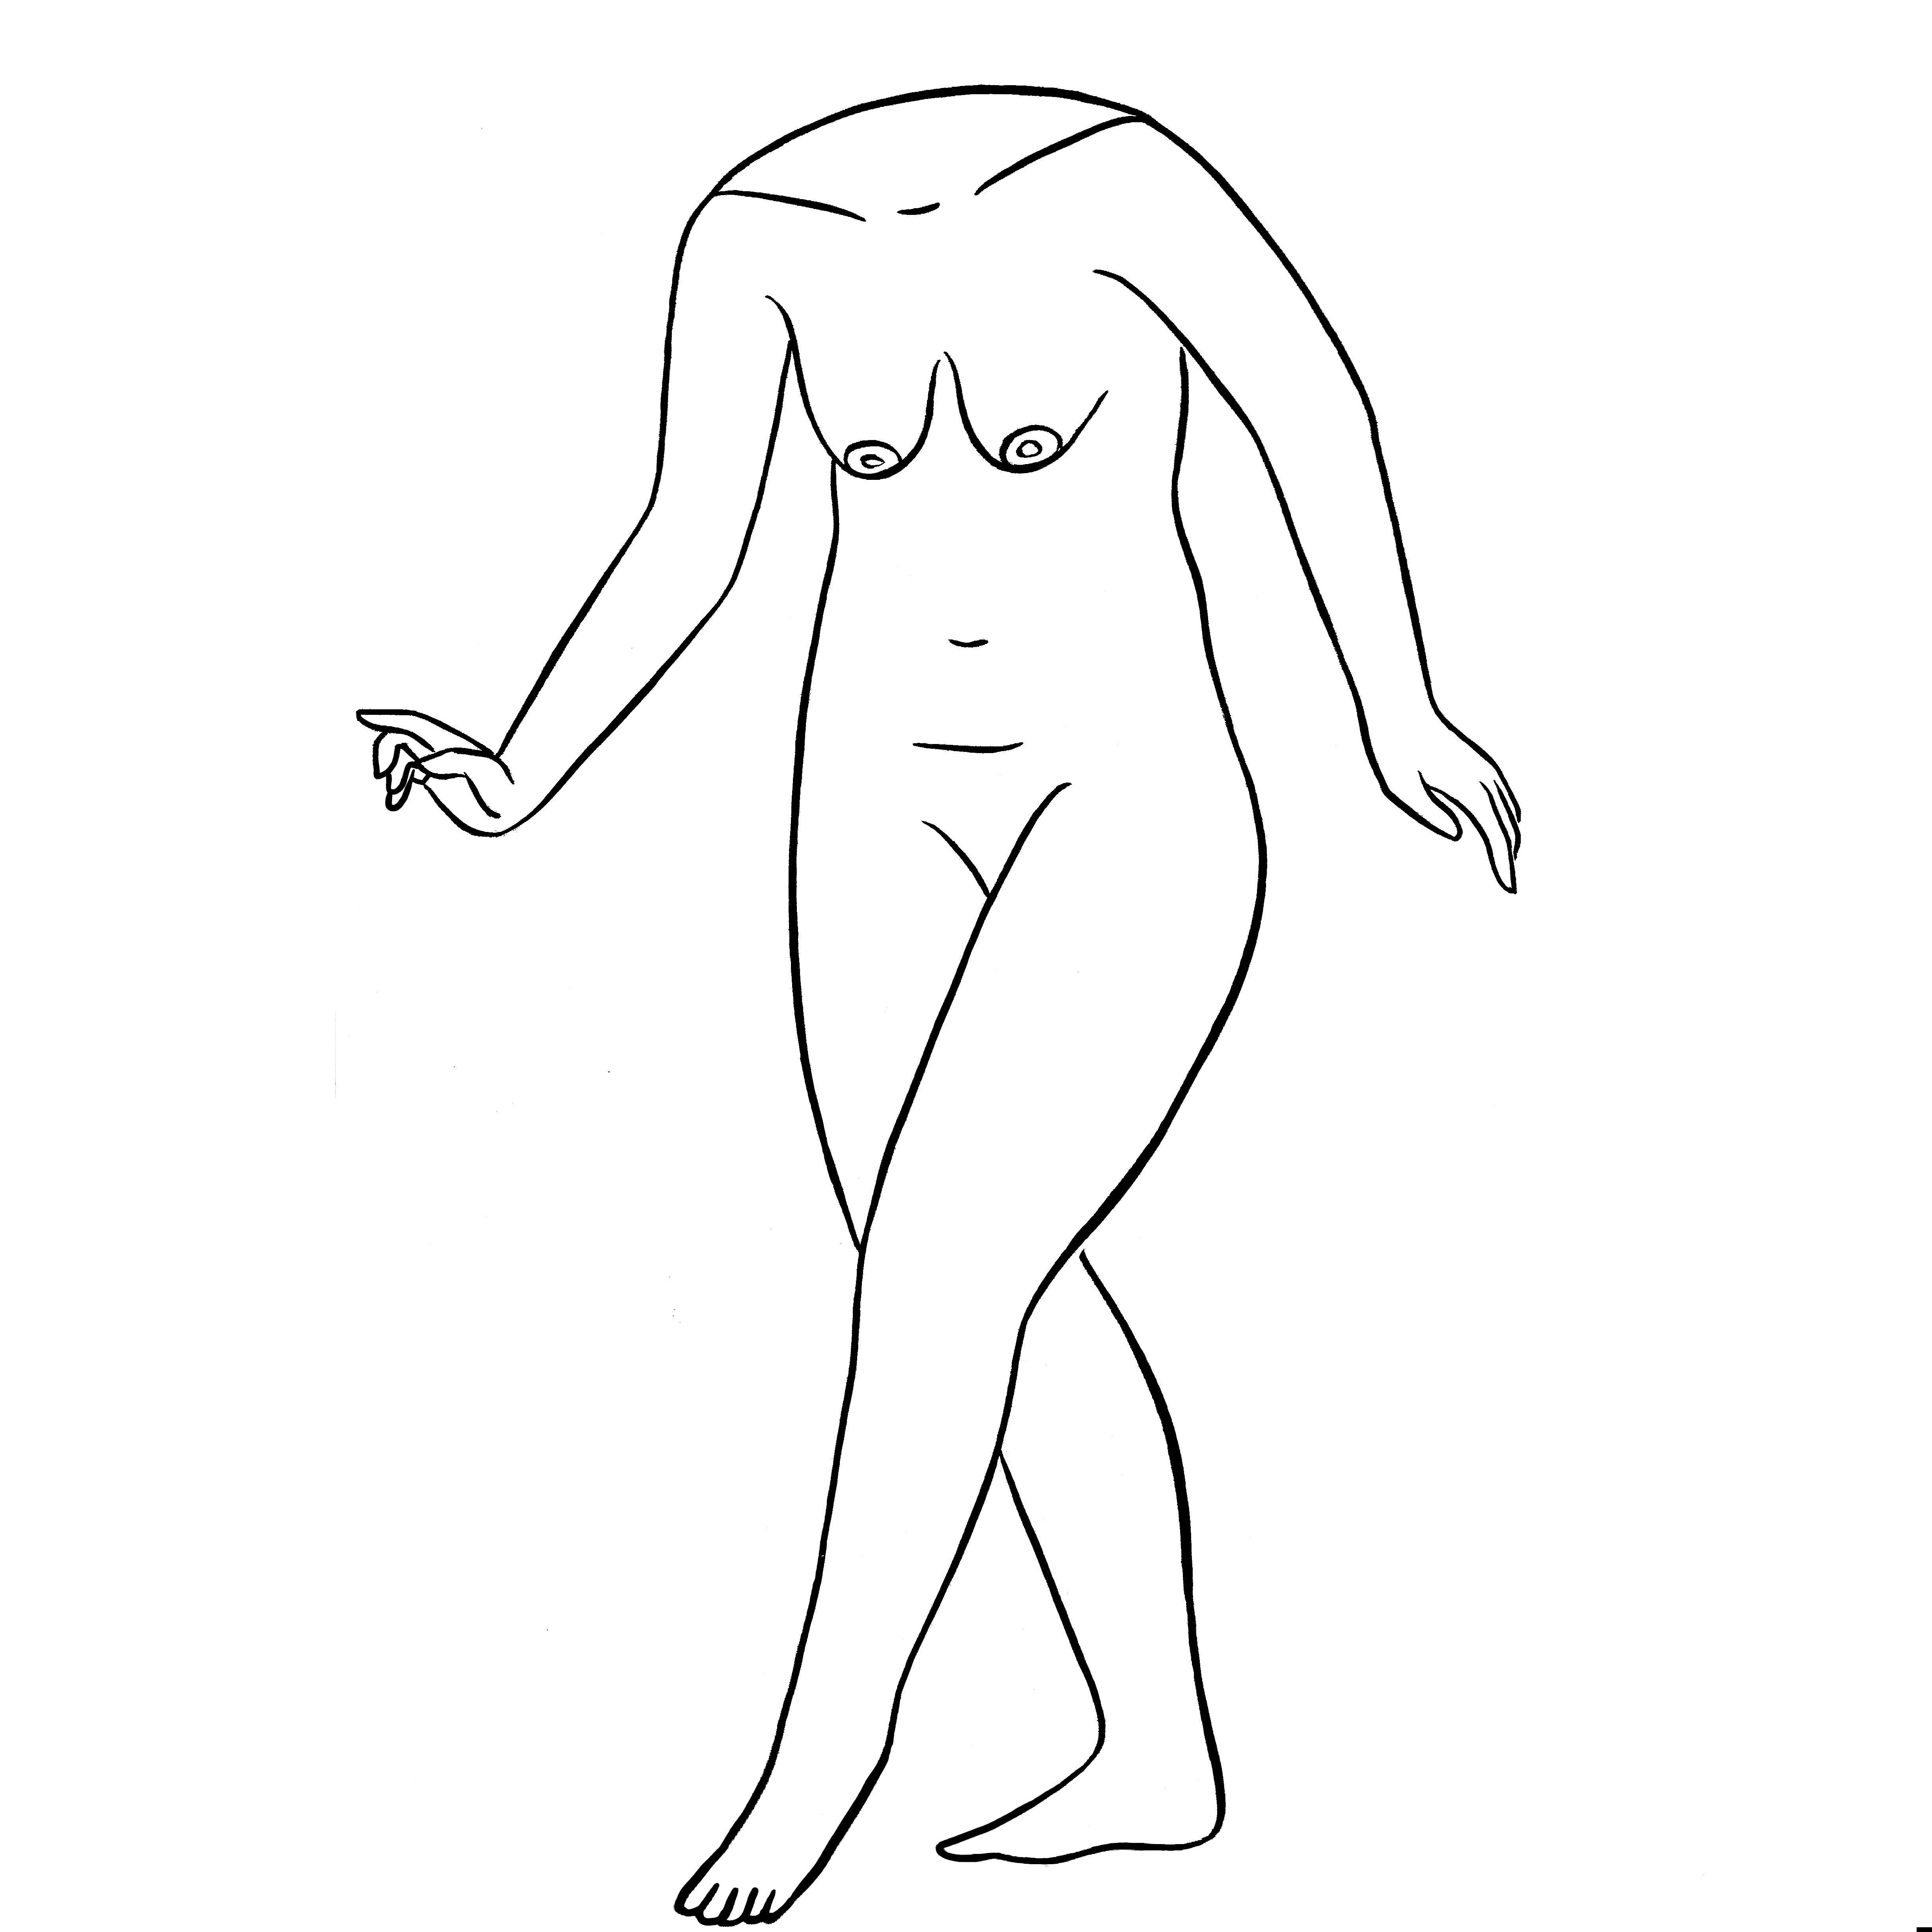 María Conejo, Figura IV (reflejo), ink on paper